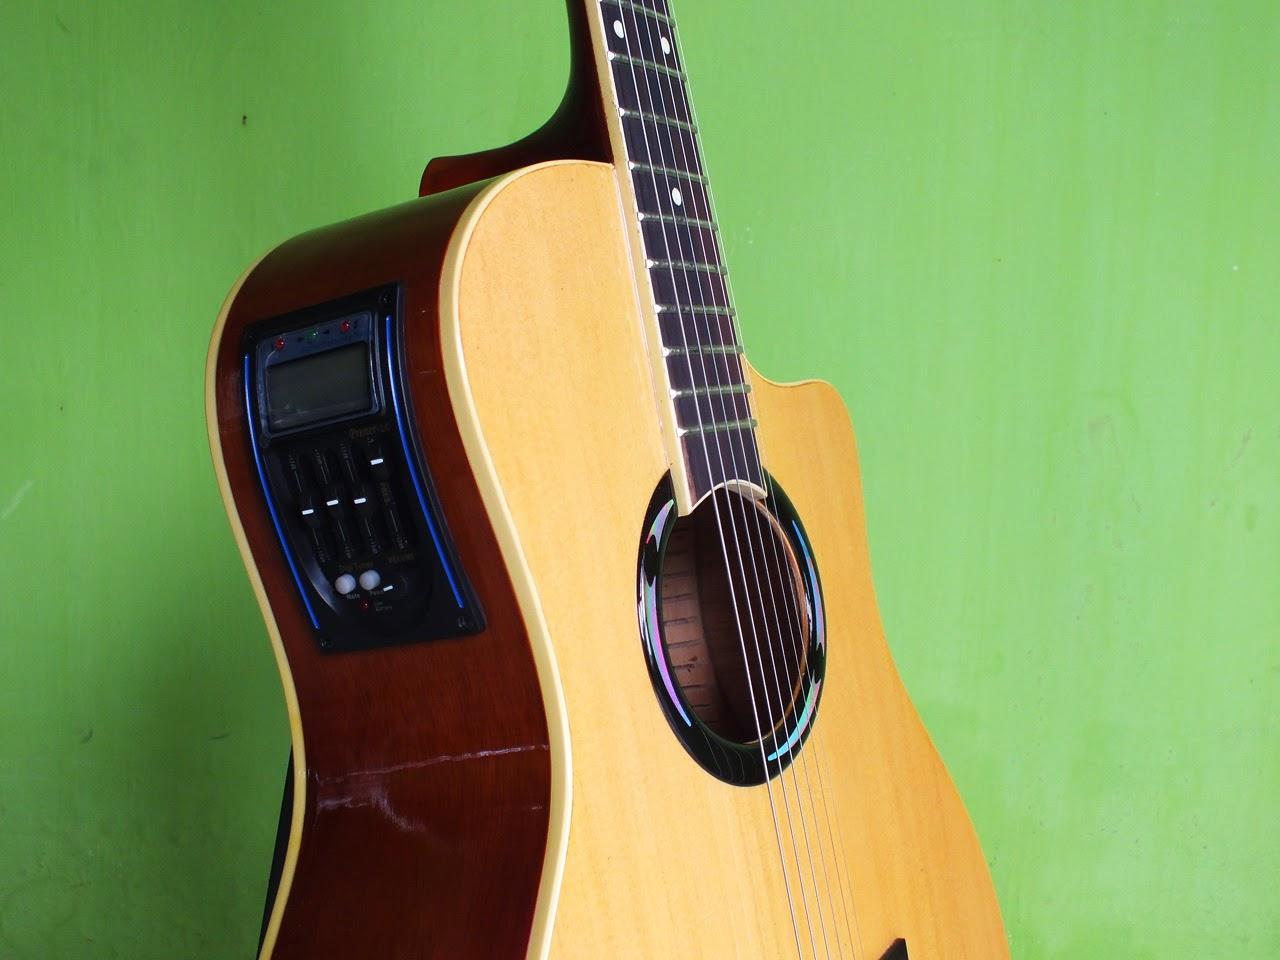 Jual Gitar Populer Harga Murah Berkualitas Lazada